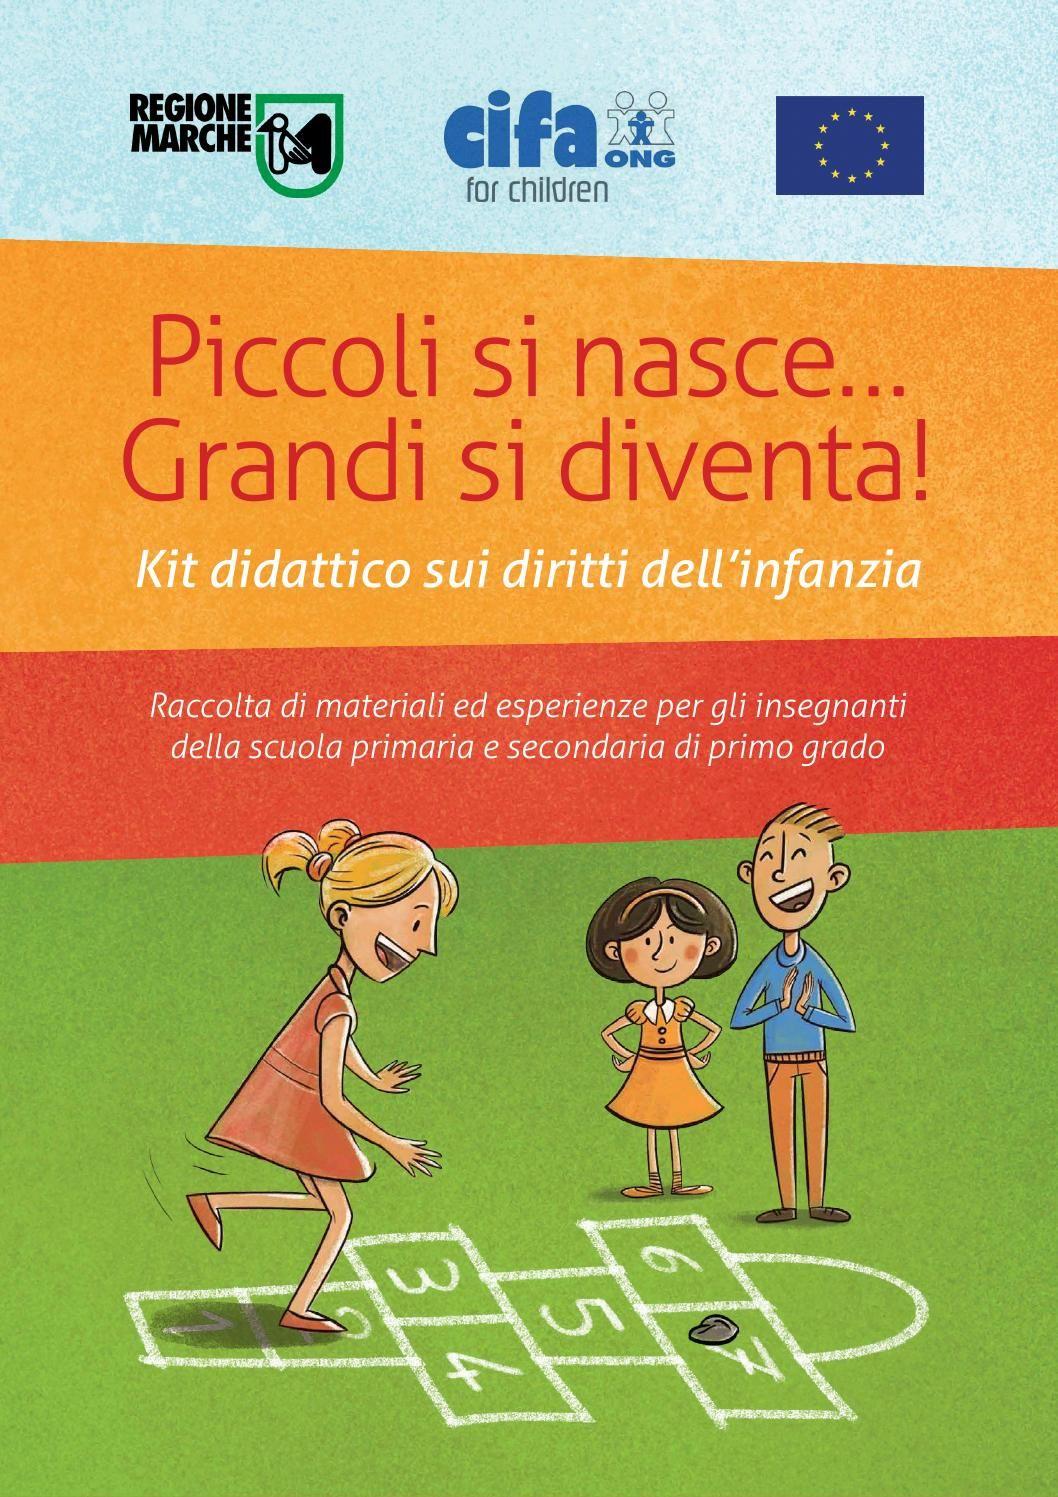 4.2.F Kit didattico sui diritti per l'infanzia  kit didattico sui diritti dell'infanzia a cura di CIFA ONG